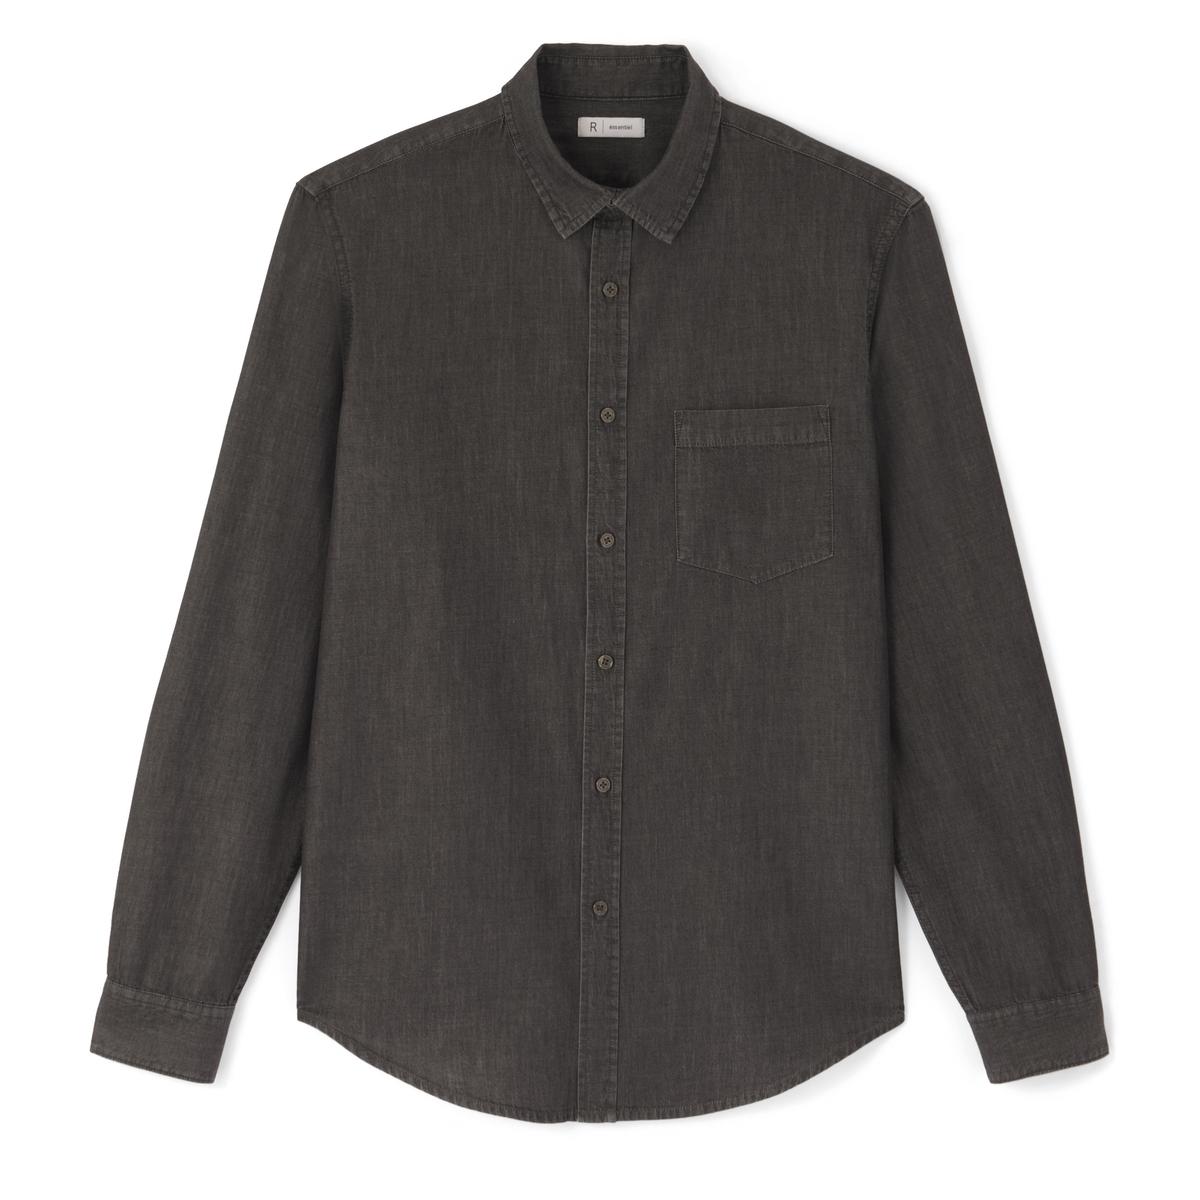 Рубашка джинсовая прямого покрояДетали •  Длинные рукава  •  Прямой покрой  •  Классический воротникСостав и уход •  100% хлопок  •  Температура стирки 40°  •  Сухая чистка и отбеливание запрещены    • Барабанная сушка на слабом режиме       •  Низкая температура глажки<br><br>Цвет: серый<br>Размер: 39/40.41/42.45/46.43/44.37/38